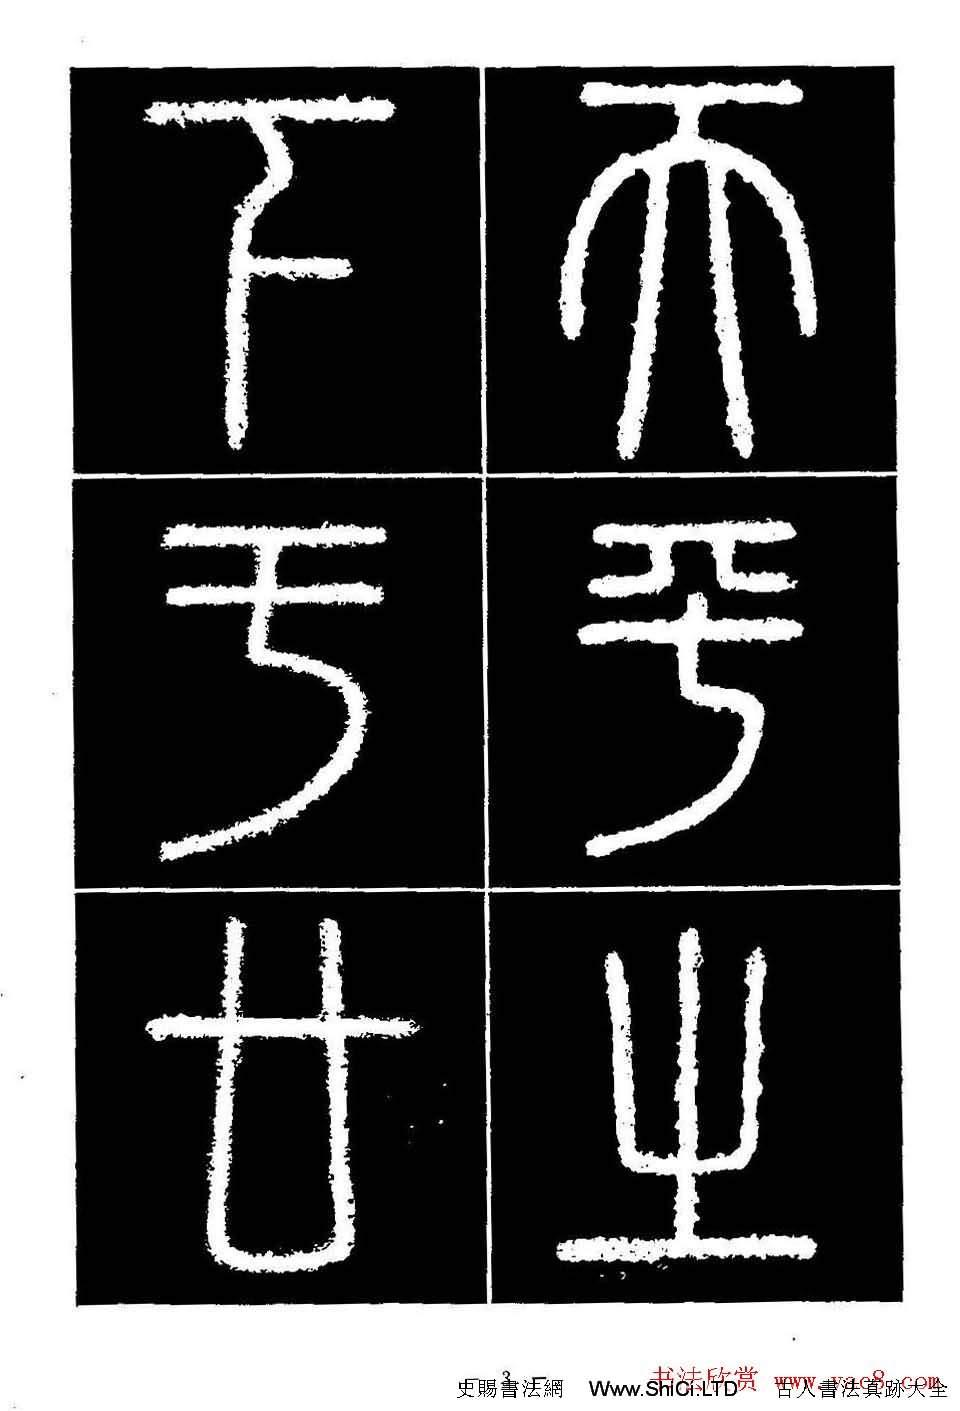 篆書字帖真跡欣賞《秦·泰山刻石》大圖(共4張圖片)